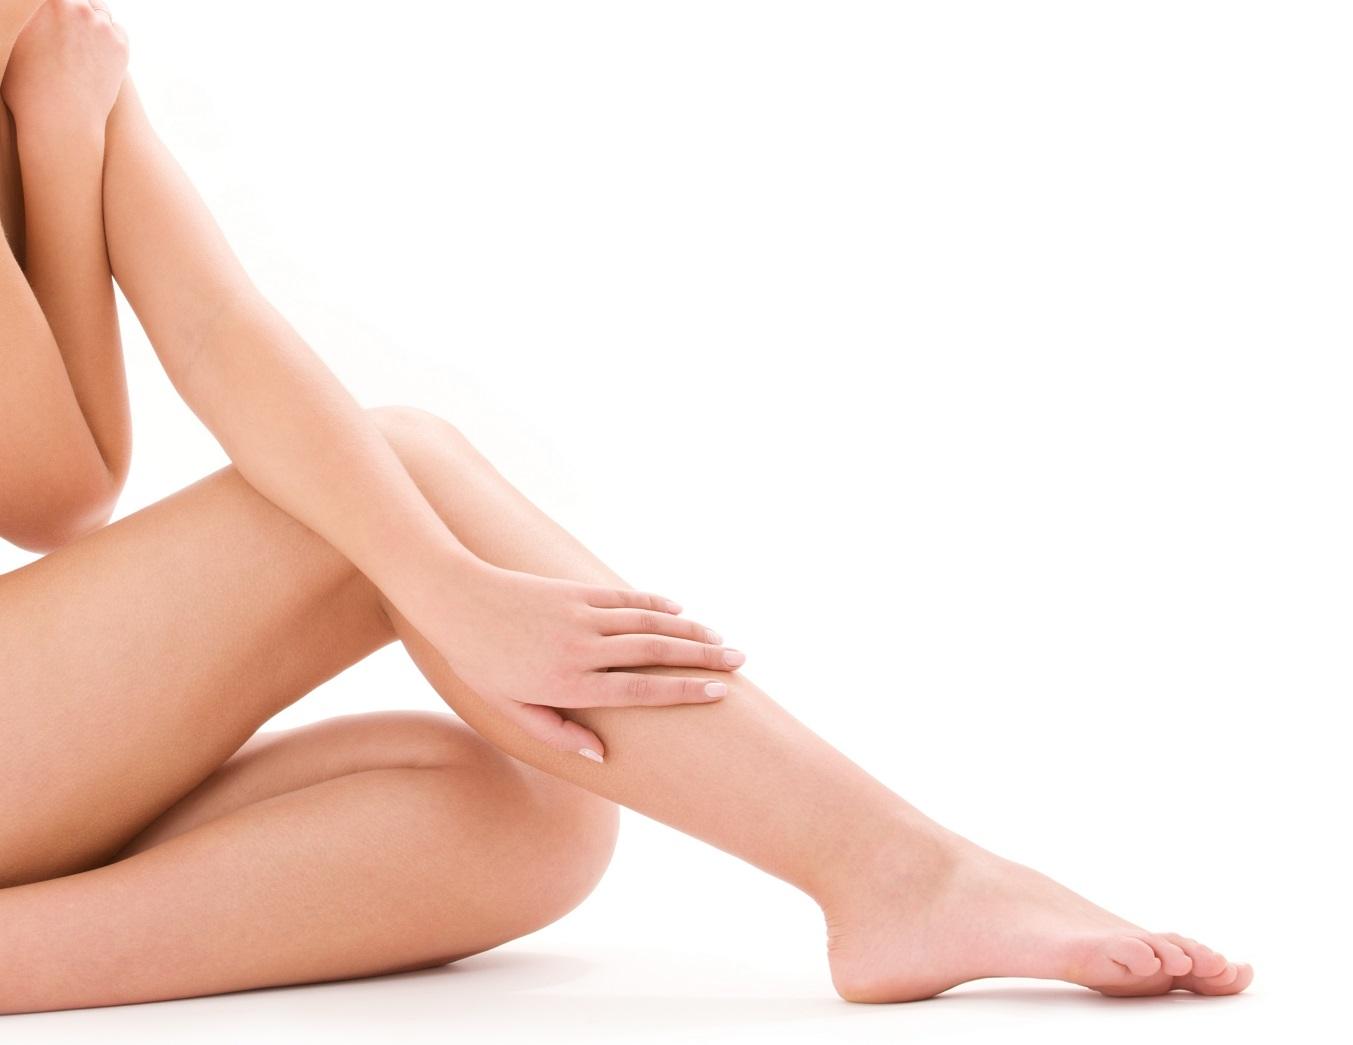 simptome de umflare la nivelul picioarelor și picioarelor